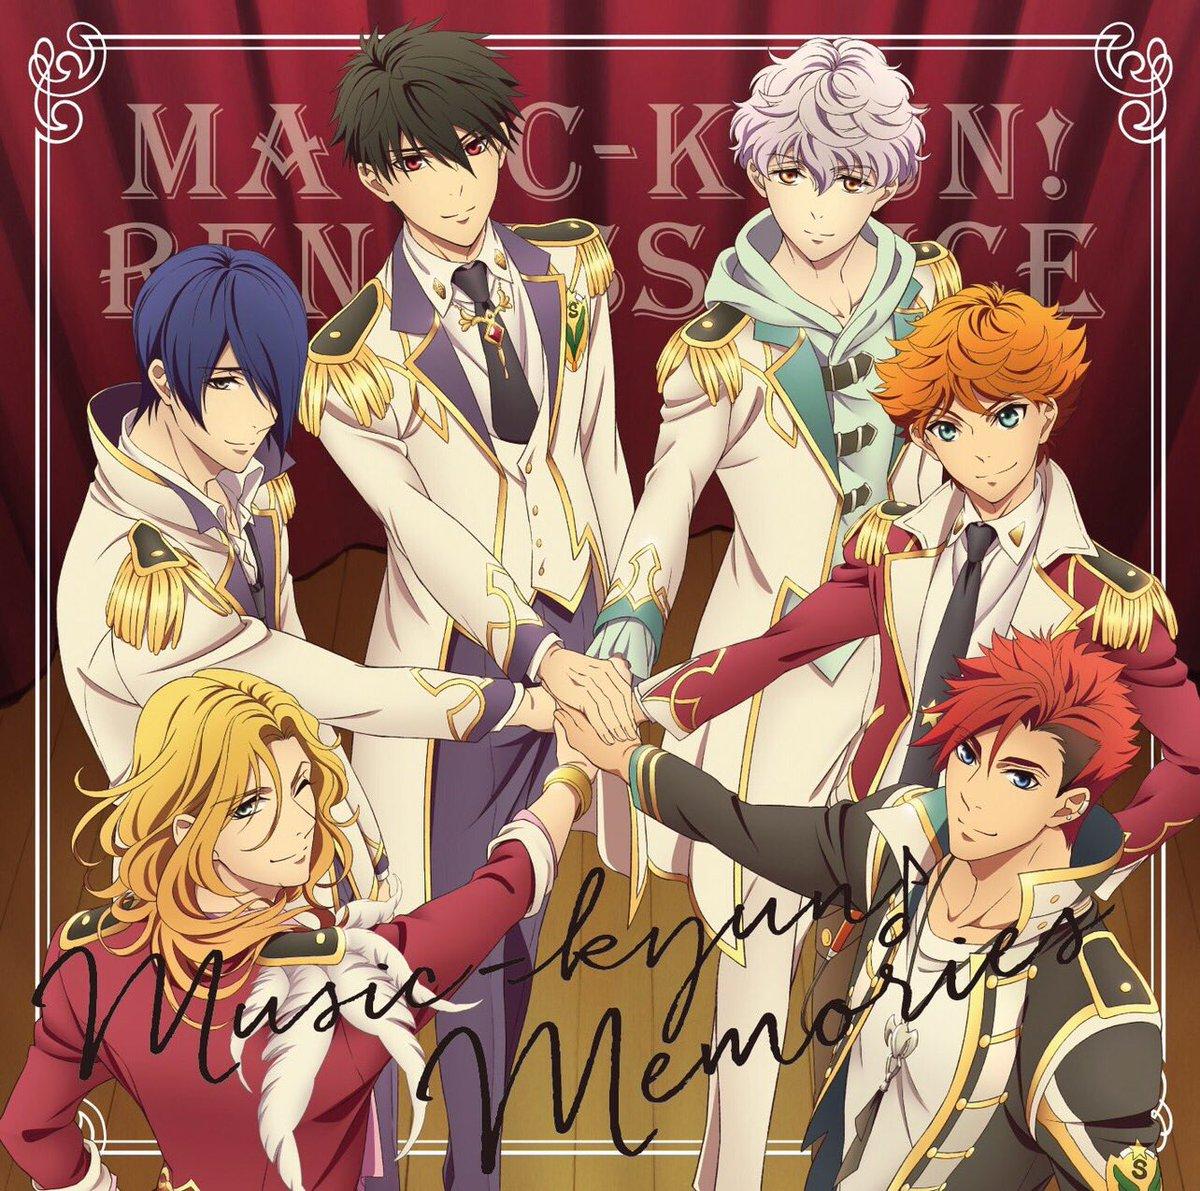 ♪KENN♪TVアニメ『マジきゅんっ!ルネッサンス』Original Sound Track「Music-kyun♪Me